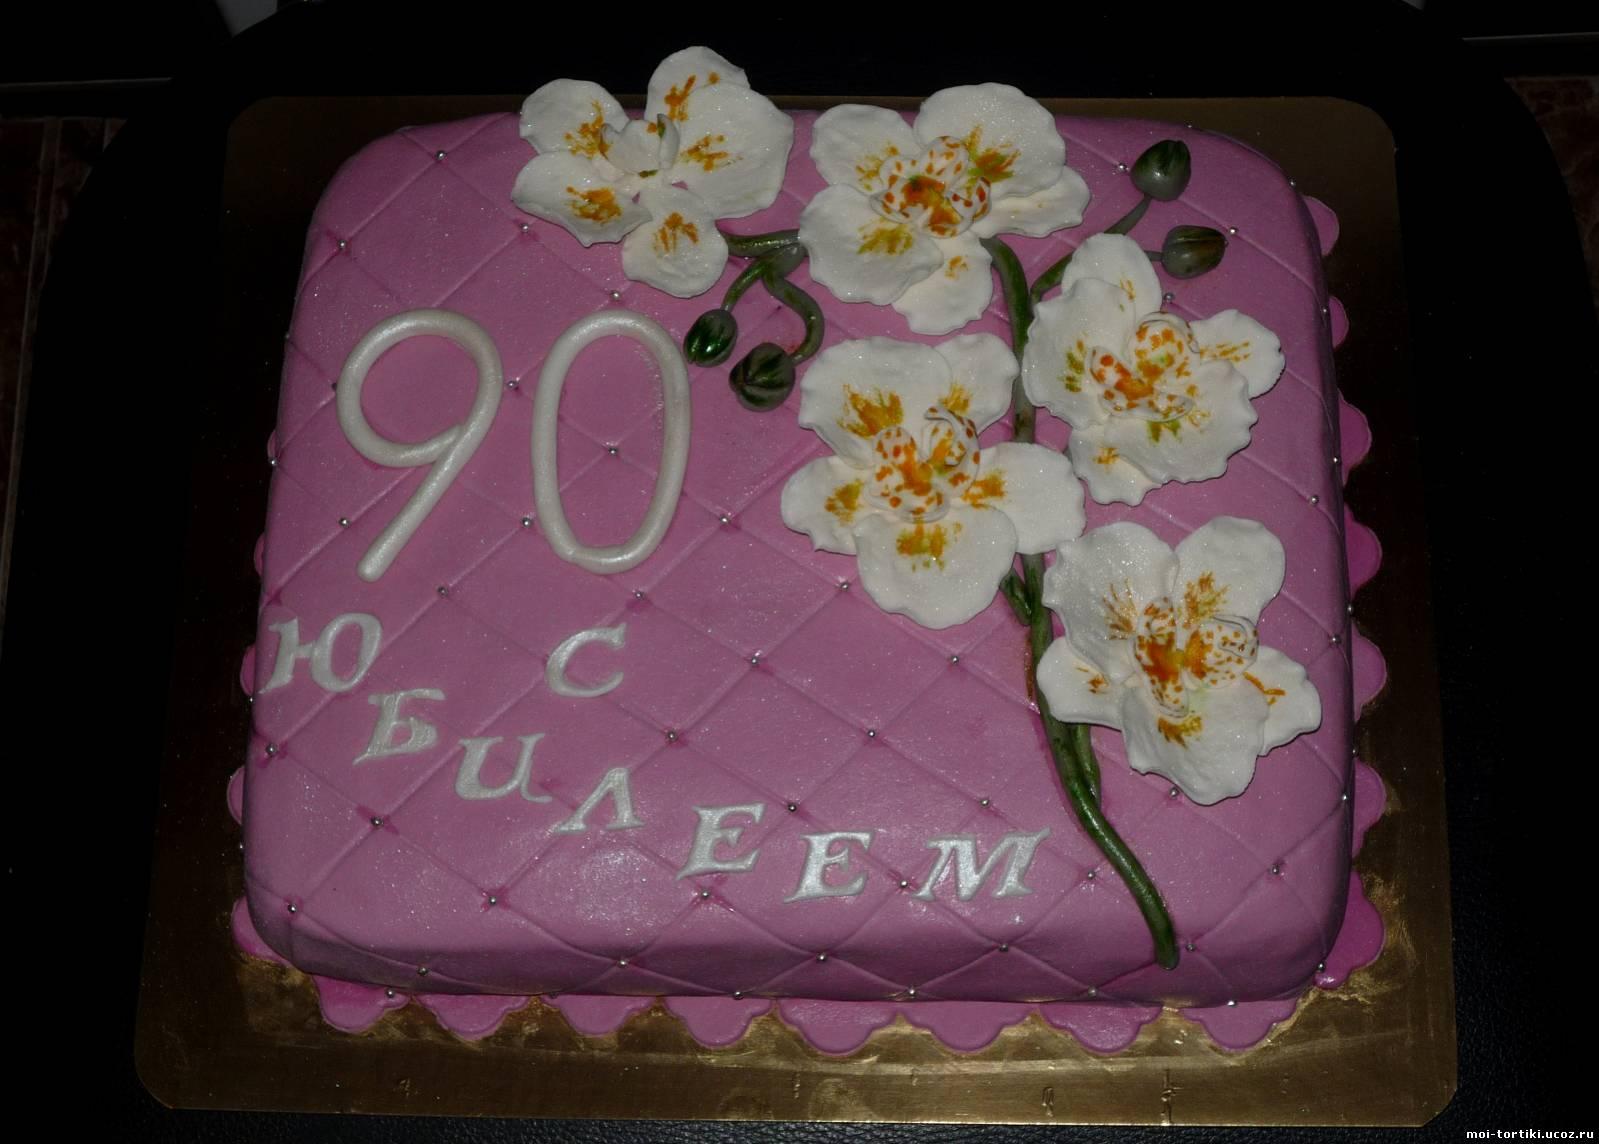 Украшение тортов 55 лет фото